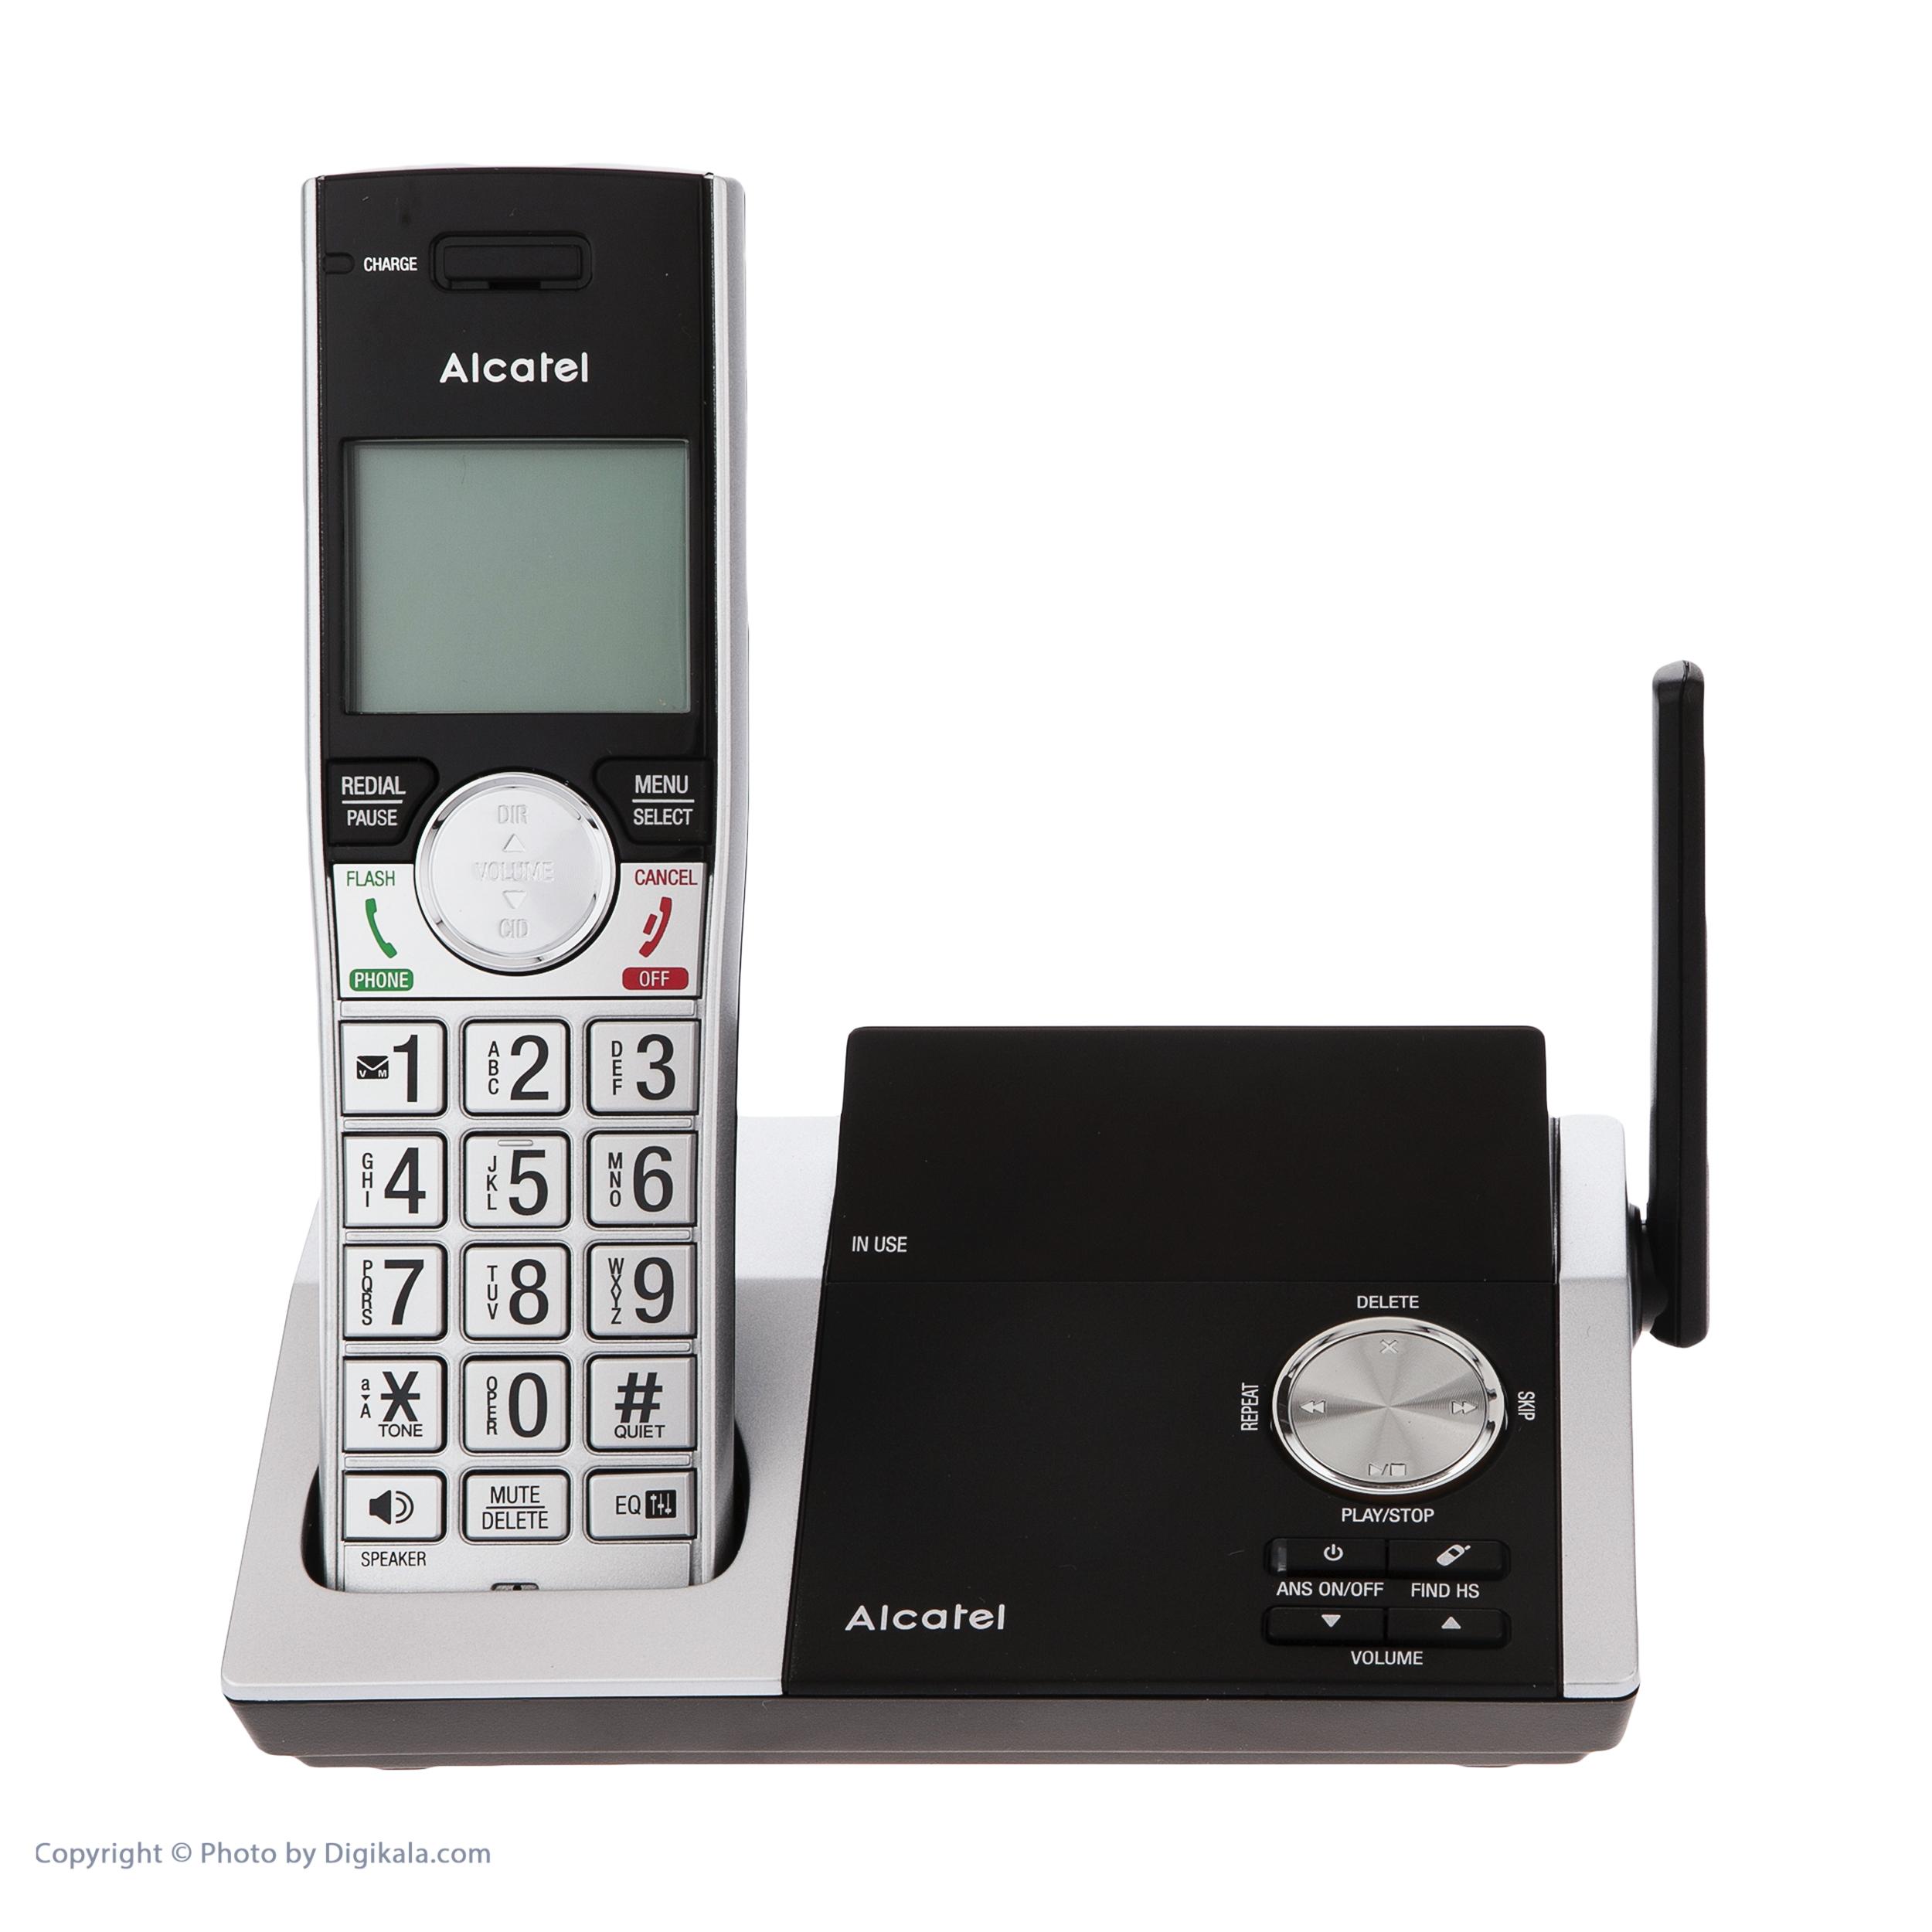 تلفن بی سیم آلکاتل مدل XP1060